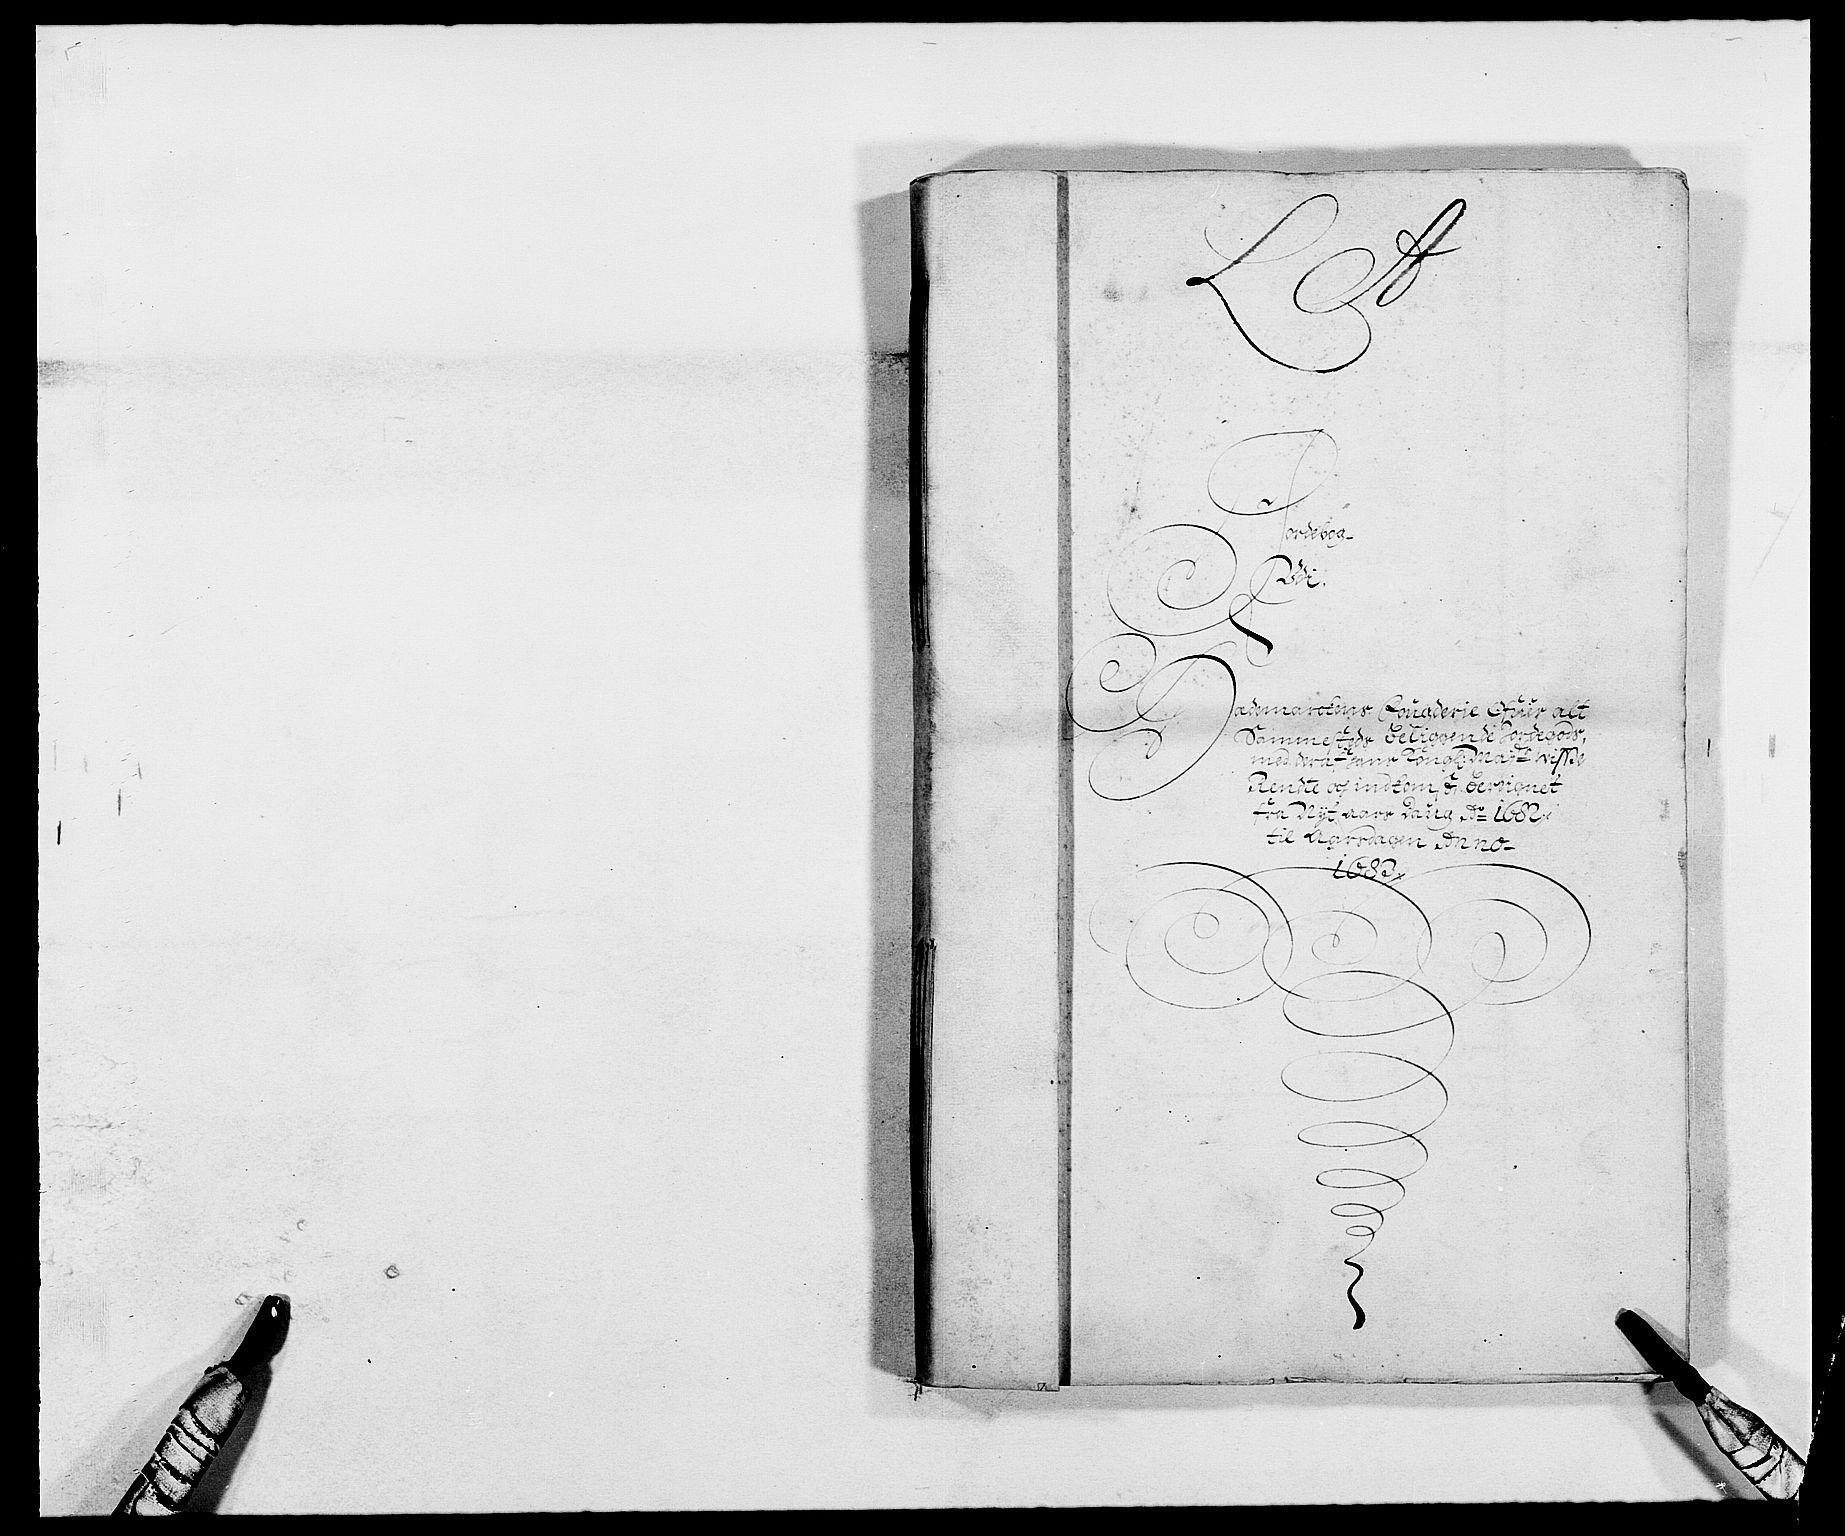 RA, Rentekammeret inntil 1814, Reviderte regnskaper, Fogderegnskap, R16/L1022: Fogderegnskap Hedmark, 1682, s. 11